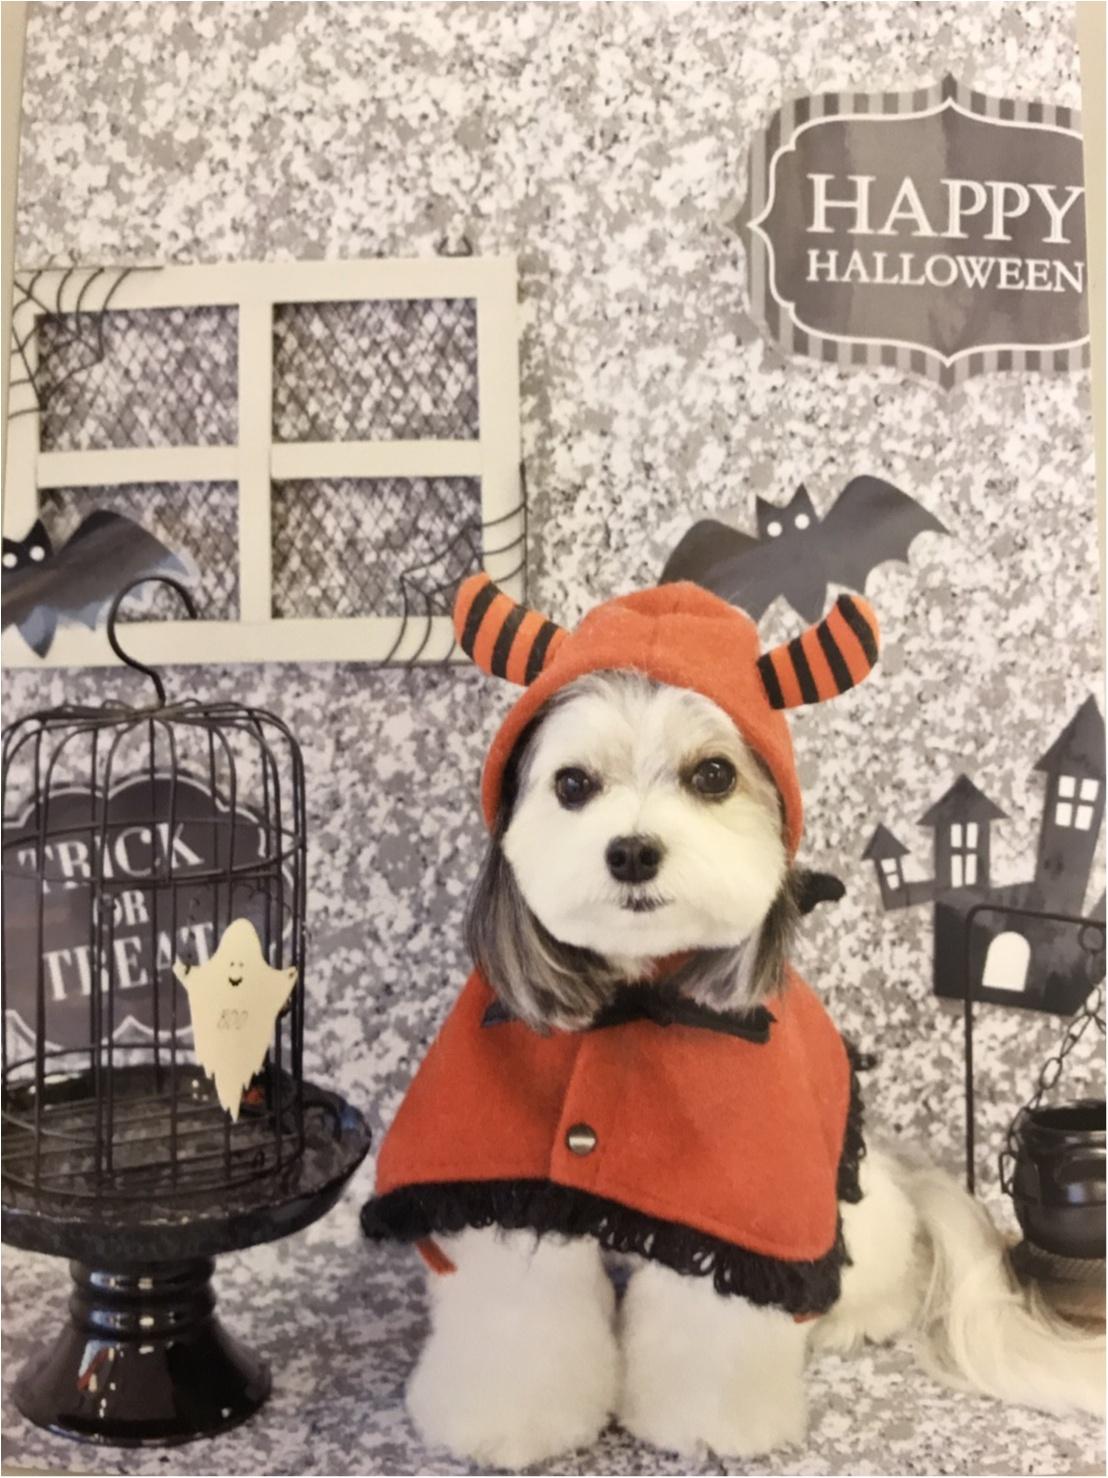 【今月のわんこ】チワワとマルチーズのミックス犬・太郎くんのコスプレ5選! ハロウィンの参考にしてみて♬_2